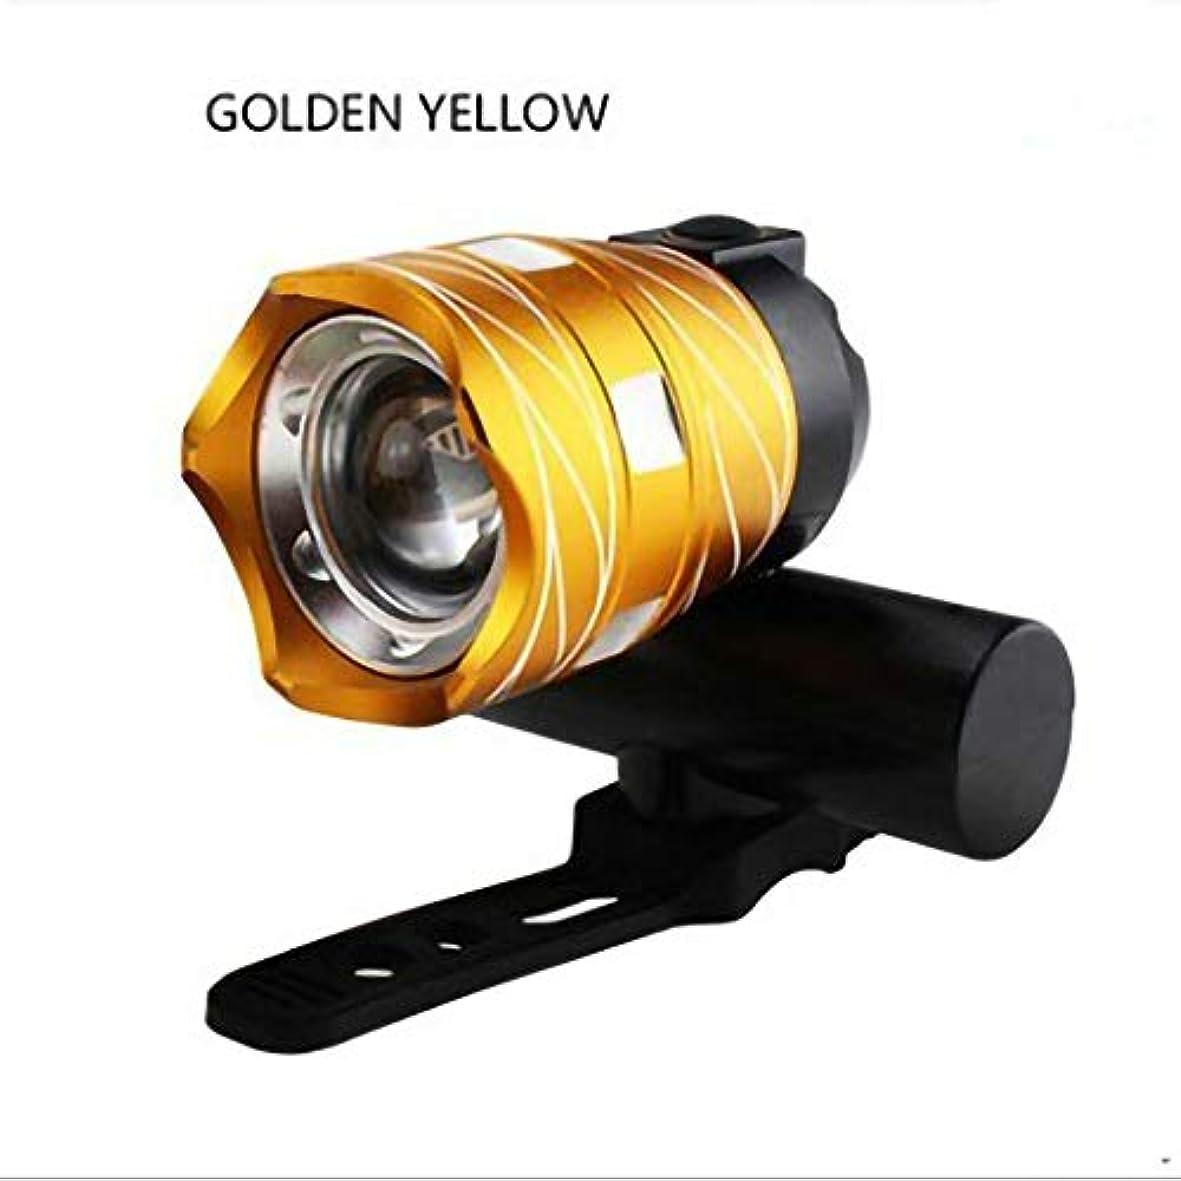 難しいで競争オリジナルLED自転車充電式ライトセット - 安い、ディスカウント価格明るい自転車用800ルーメンワイド&ロングカバー範囲 (Color : Gold)